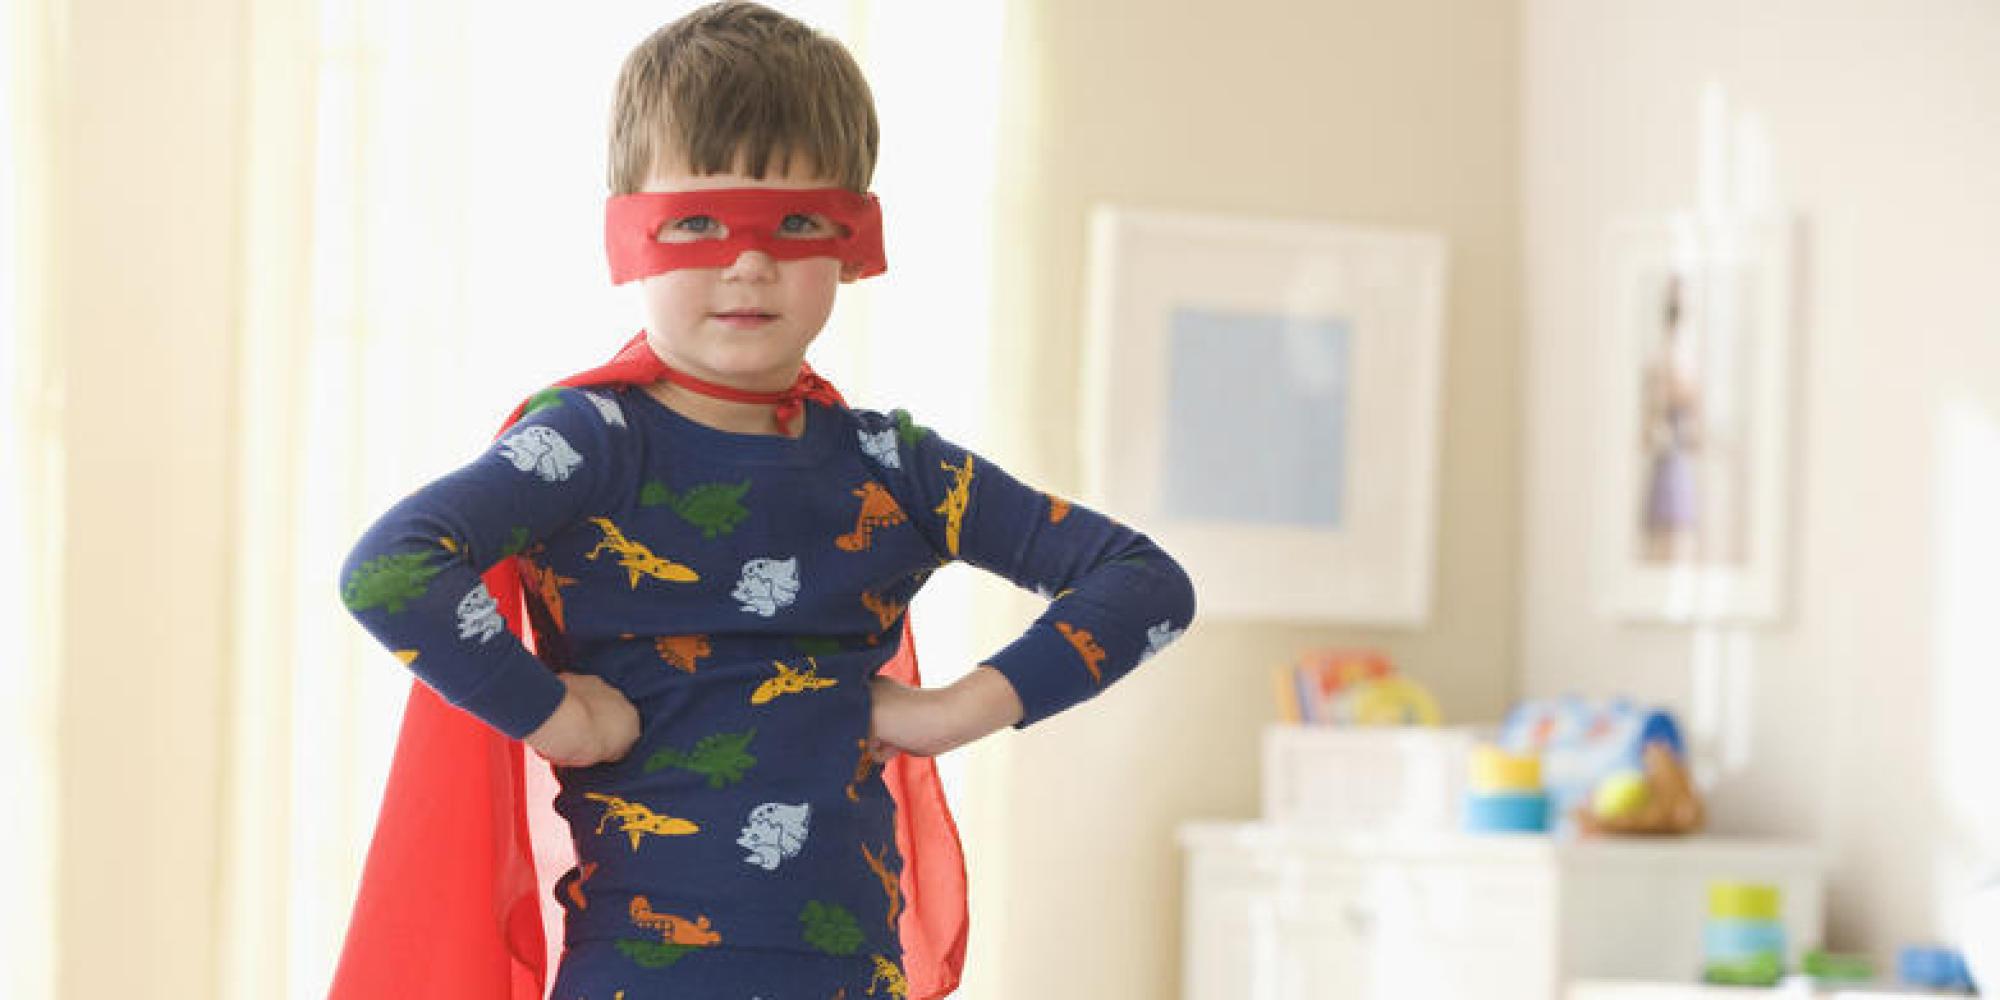 Cose che ogni bambino ha il diritto di fare lucrezia sarnari - Diritto di abitazione su immobile in comproprieta ...